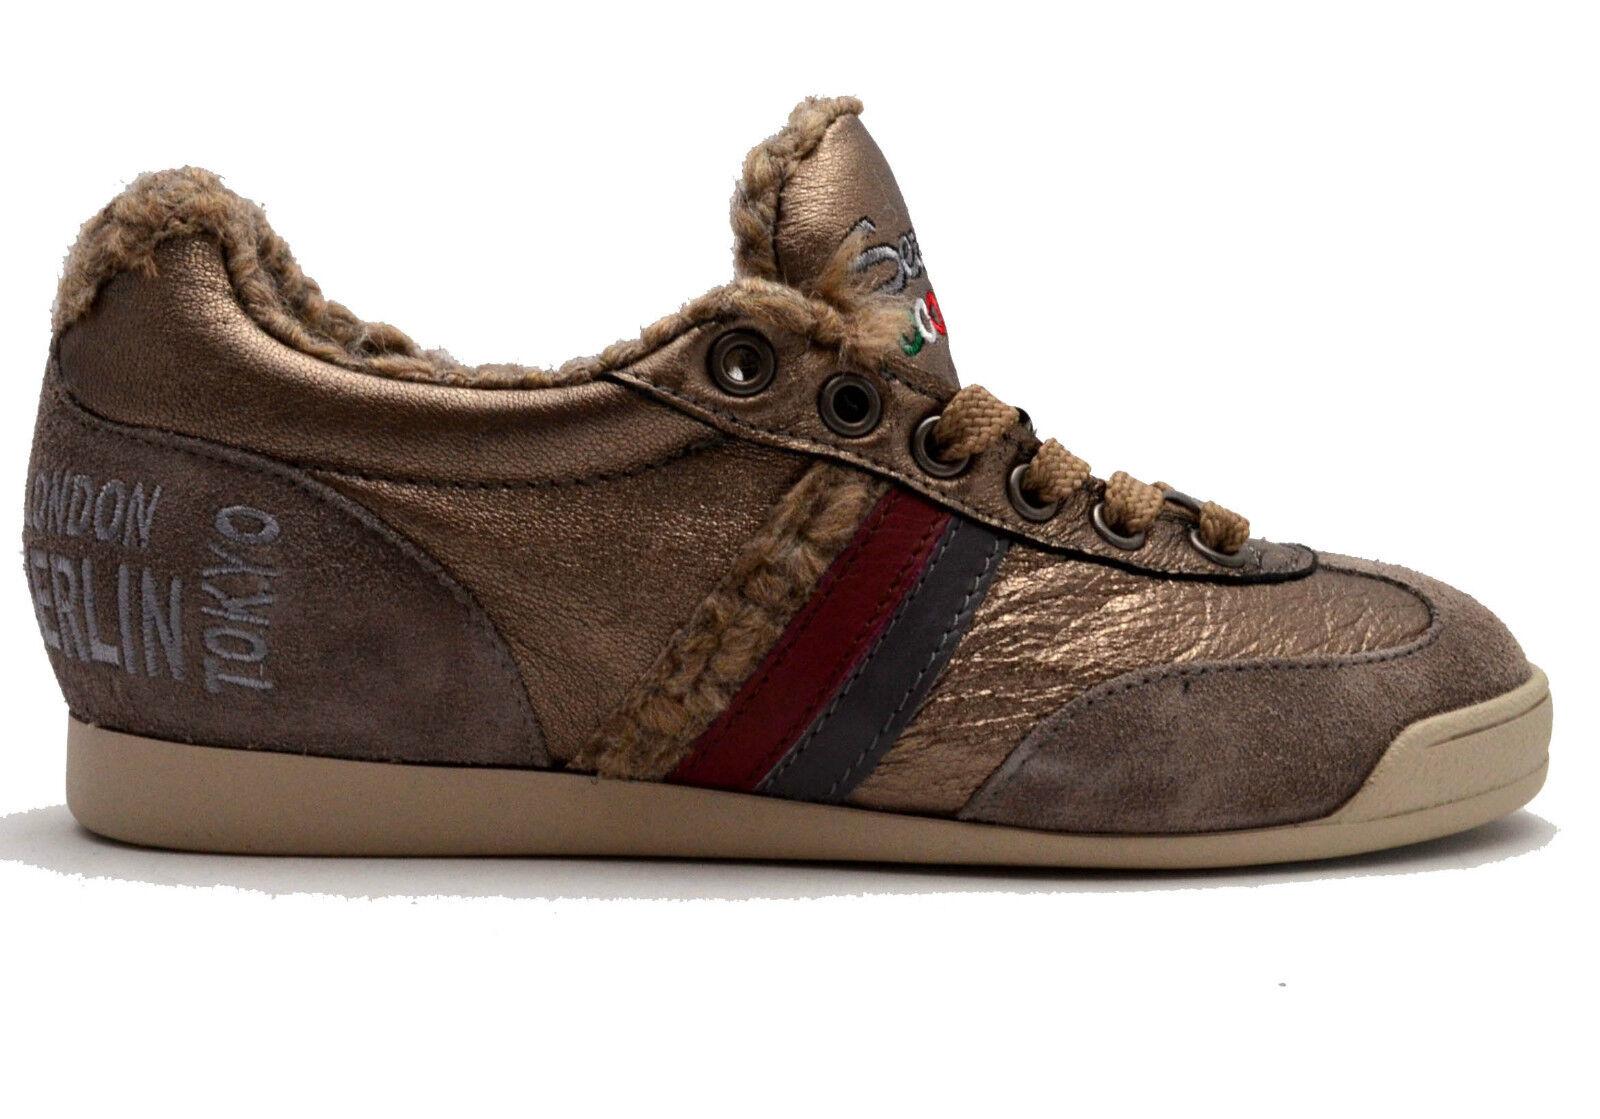 Serafini zapatos de las zapatillas de de de deporte de cuero zapatos Mujer Mujeres  70% de descuento